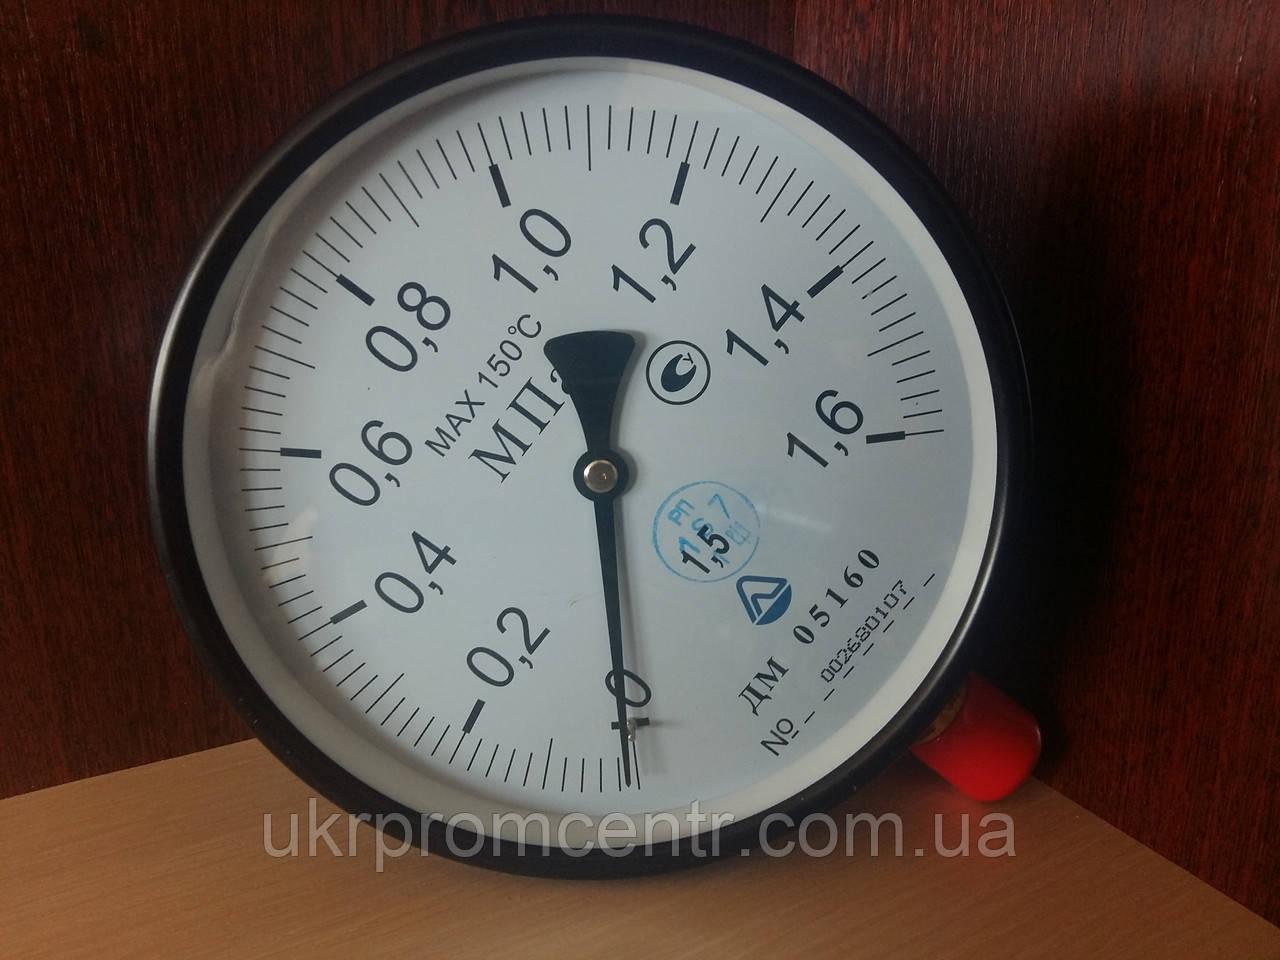 Манометр, мановакуумметр и вакуумметр ДМ05160, ДВ05160, ДА05160